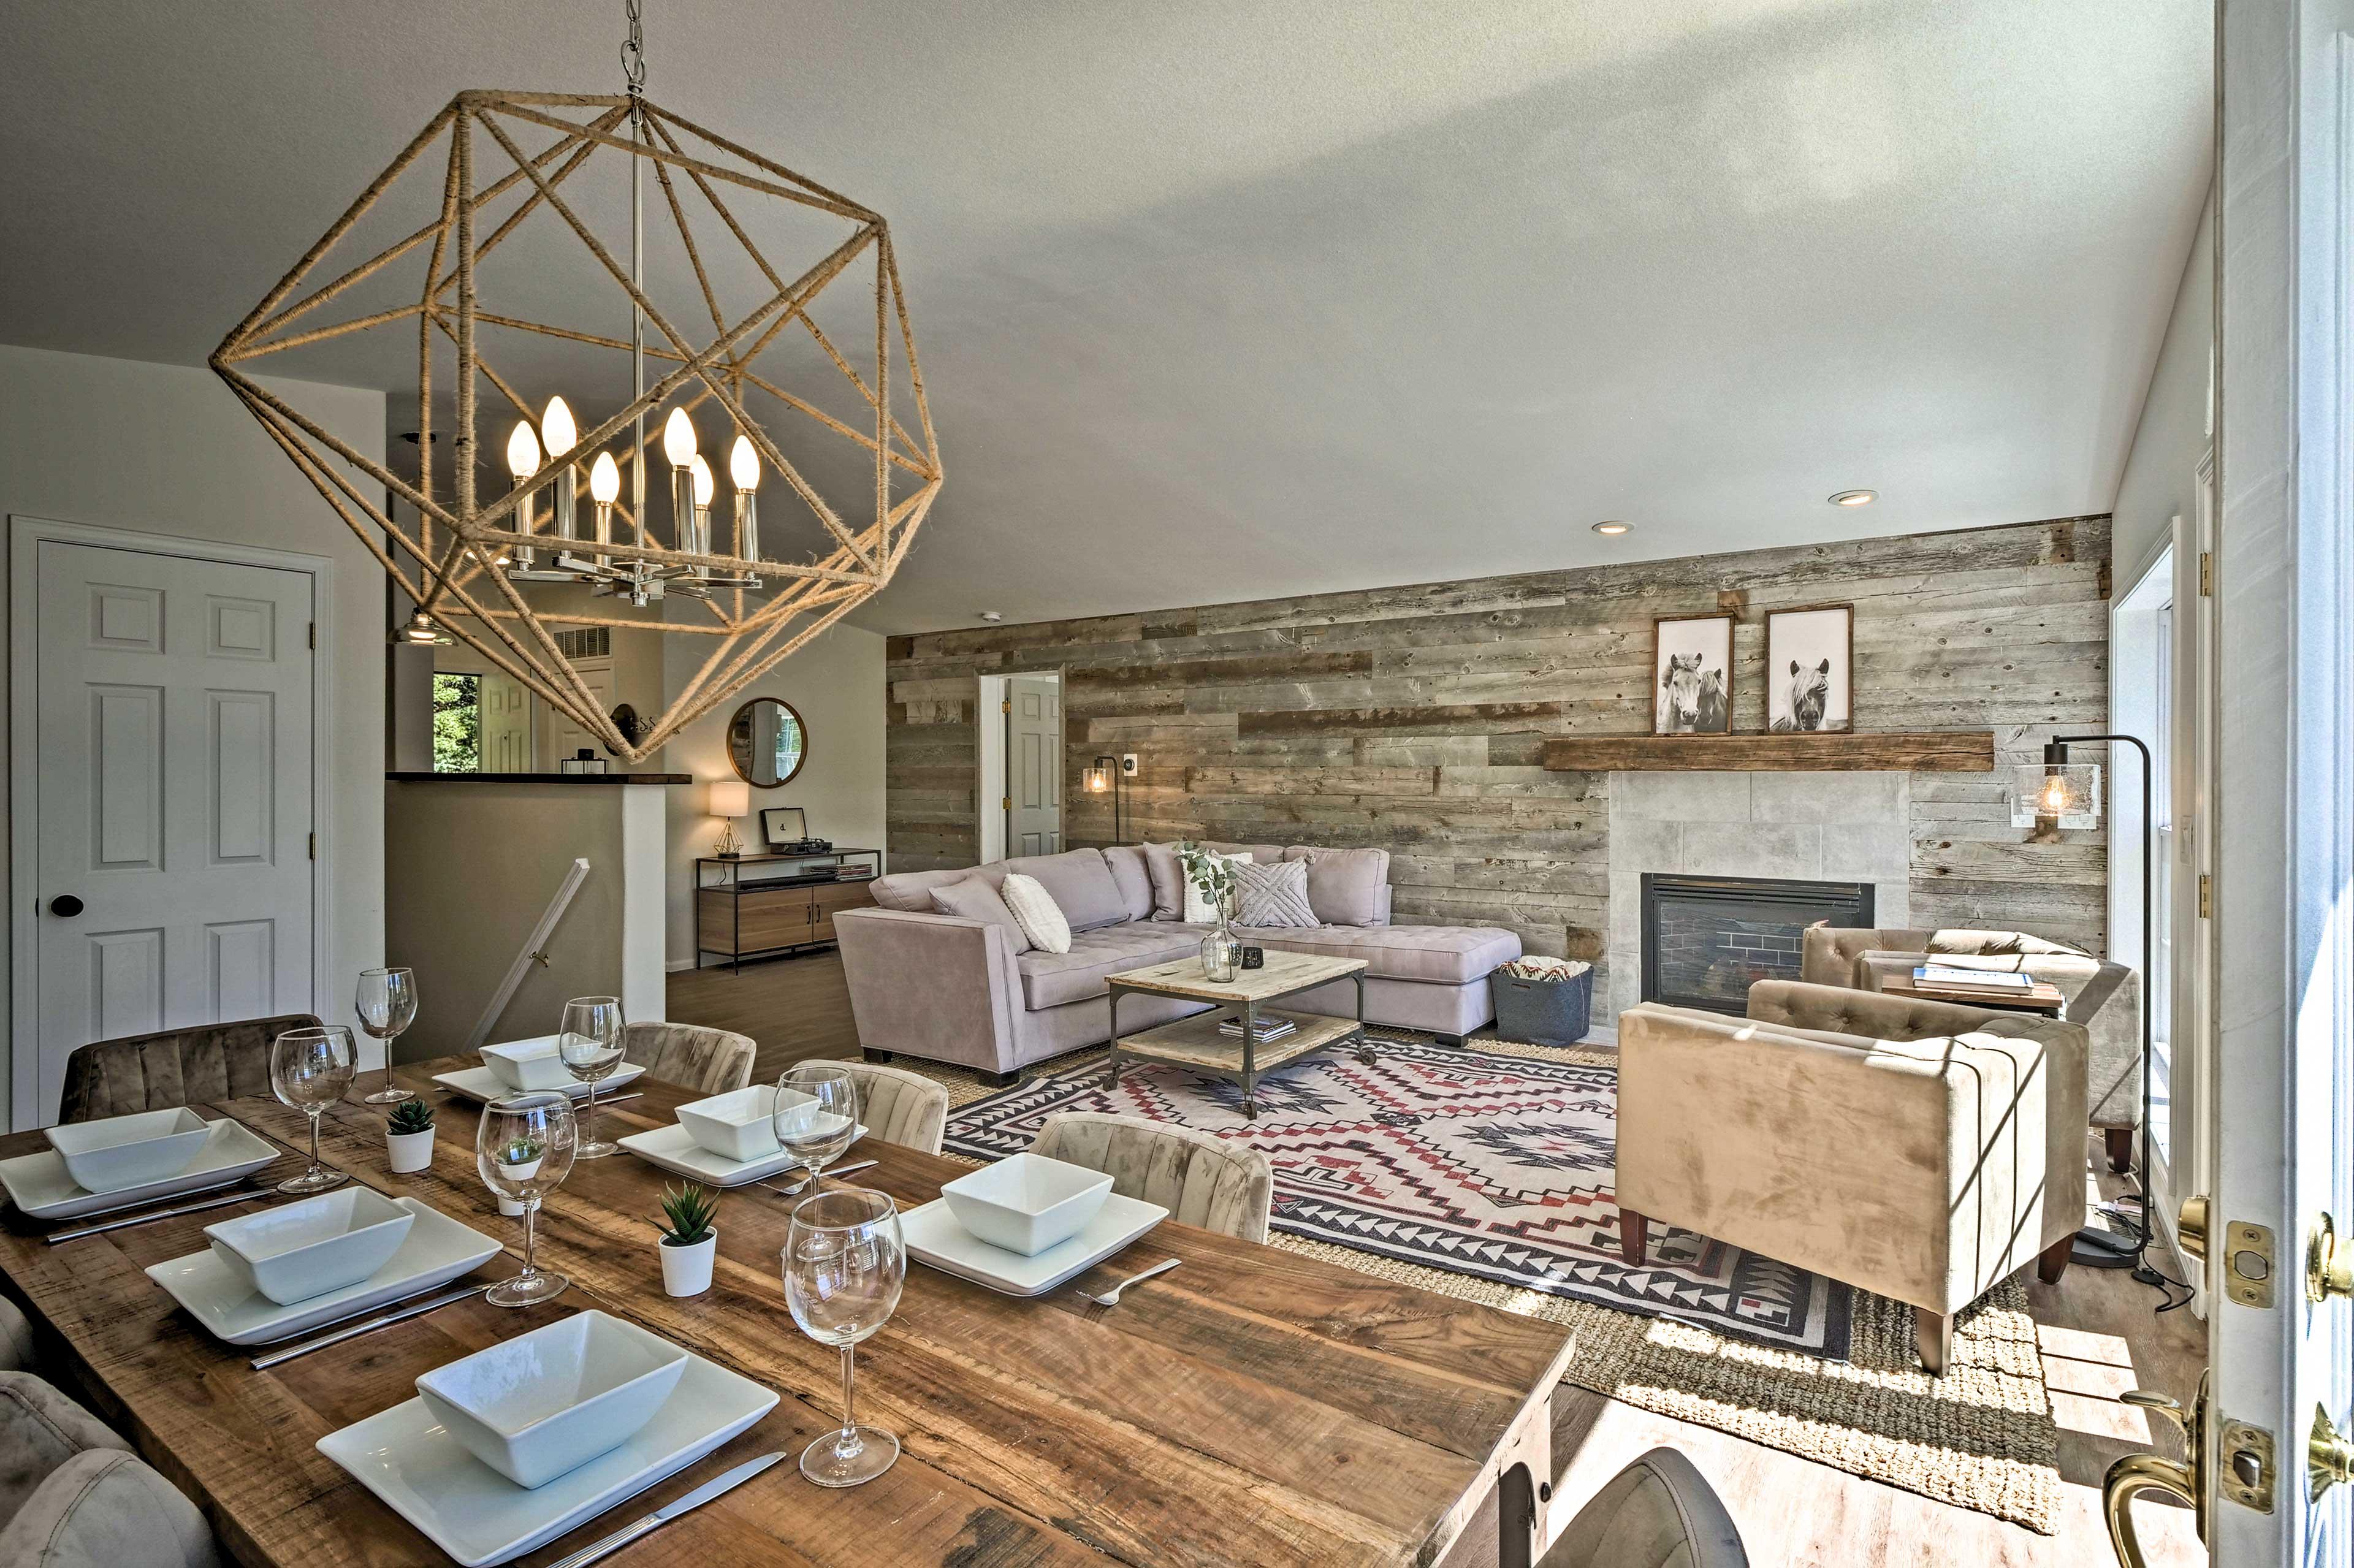 Farmhouse-Style Dining Table